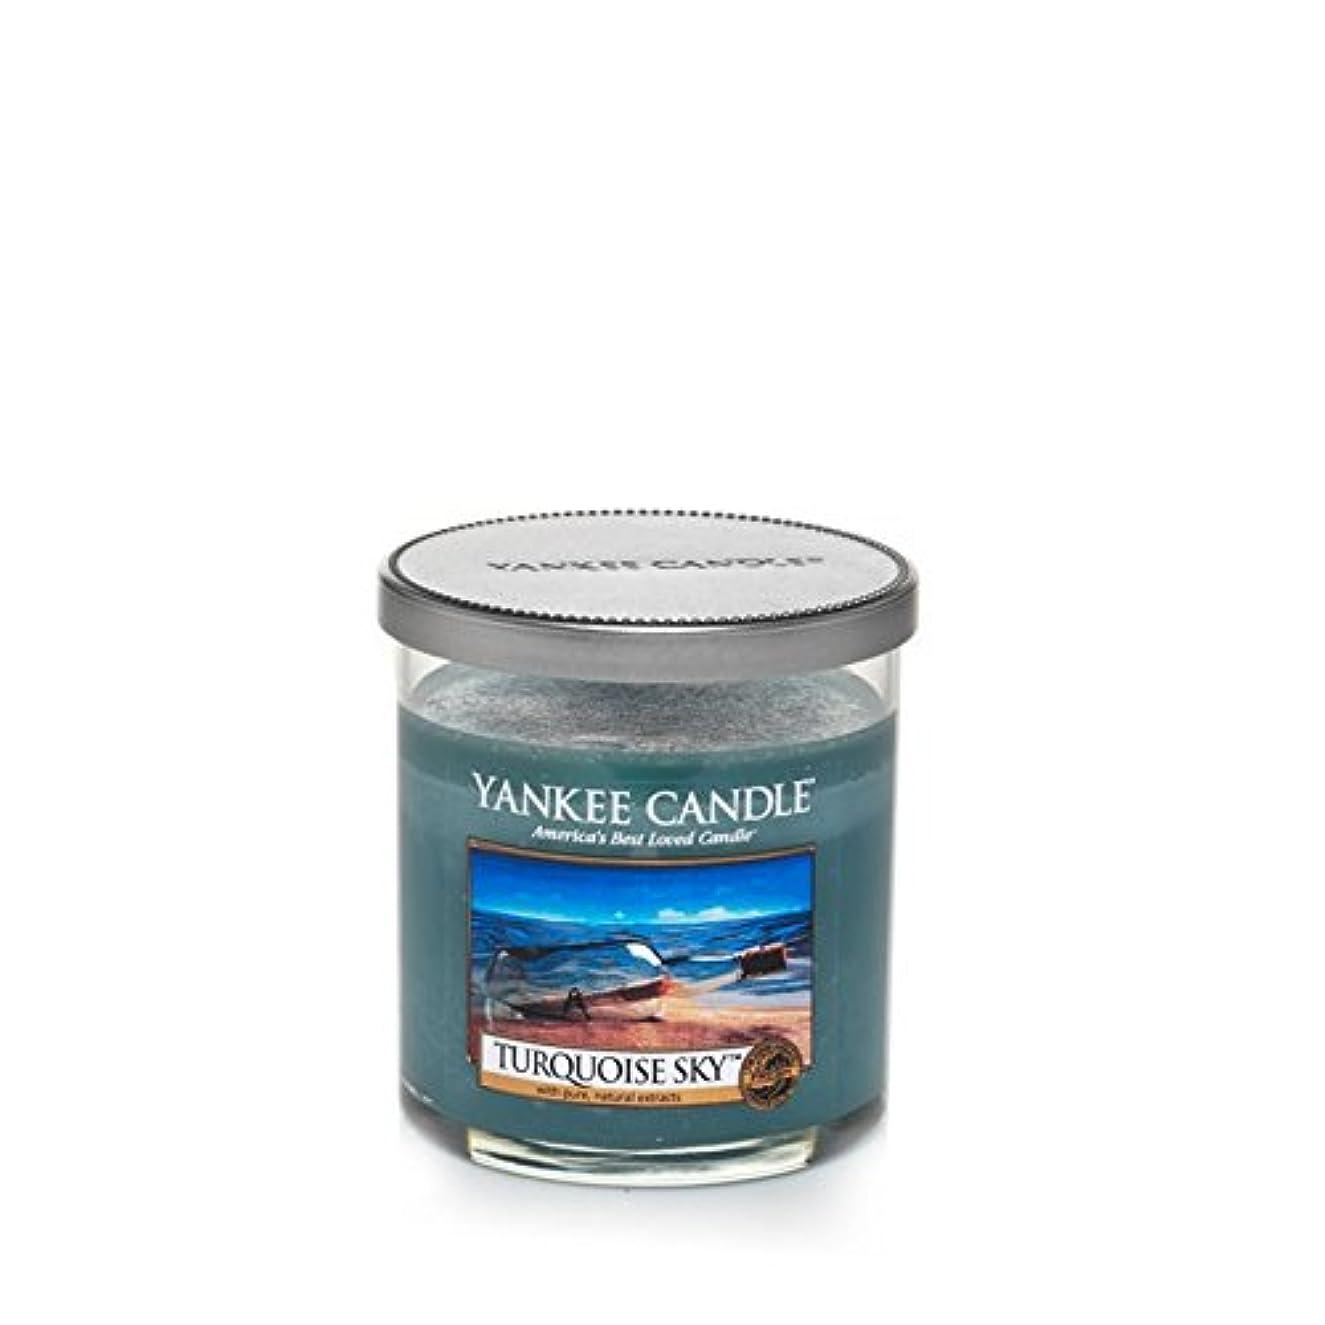 達成ハイブリッド差別するYankee Candles Small Pillar Candle - Turquoise Sky (Pack of 2) - ヤンキーキャンドルの小さな柱キャンドル - ターコイズの空 (x2) [並行輸入品]